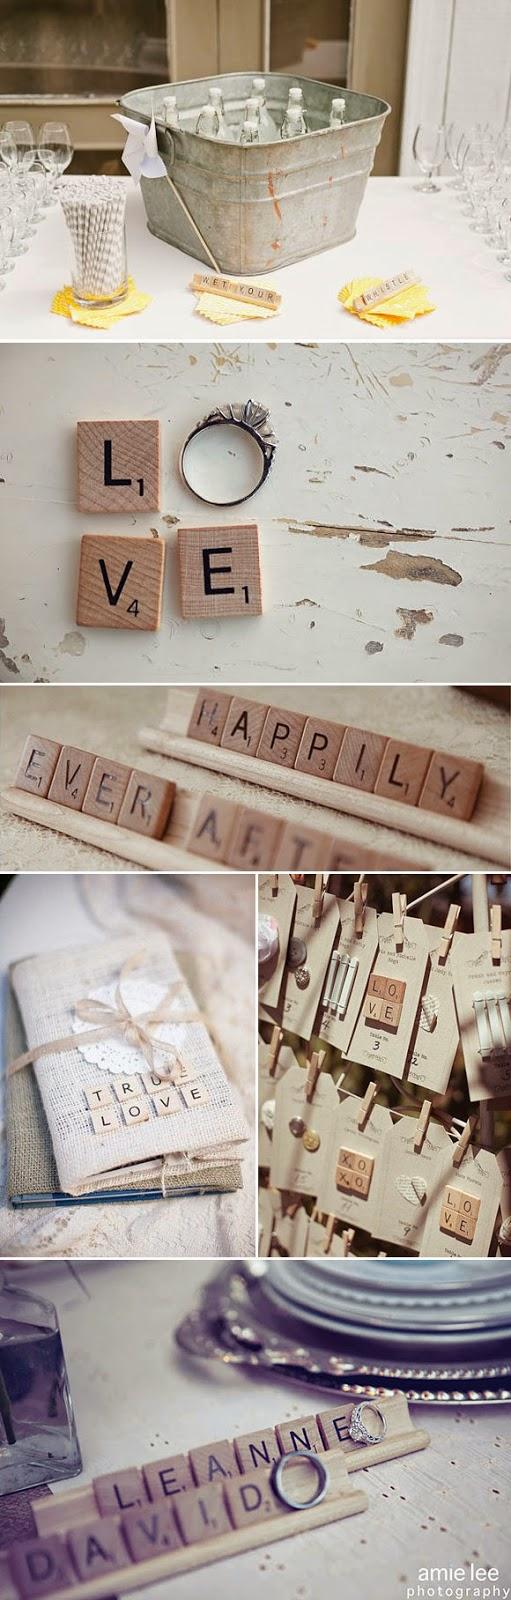 Las letras como pieza estrella for Letras scrabble decoracion